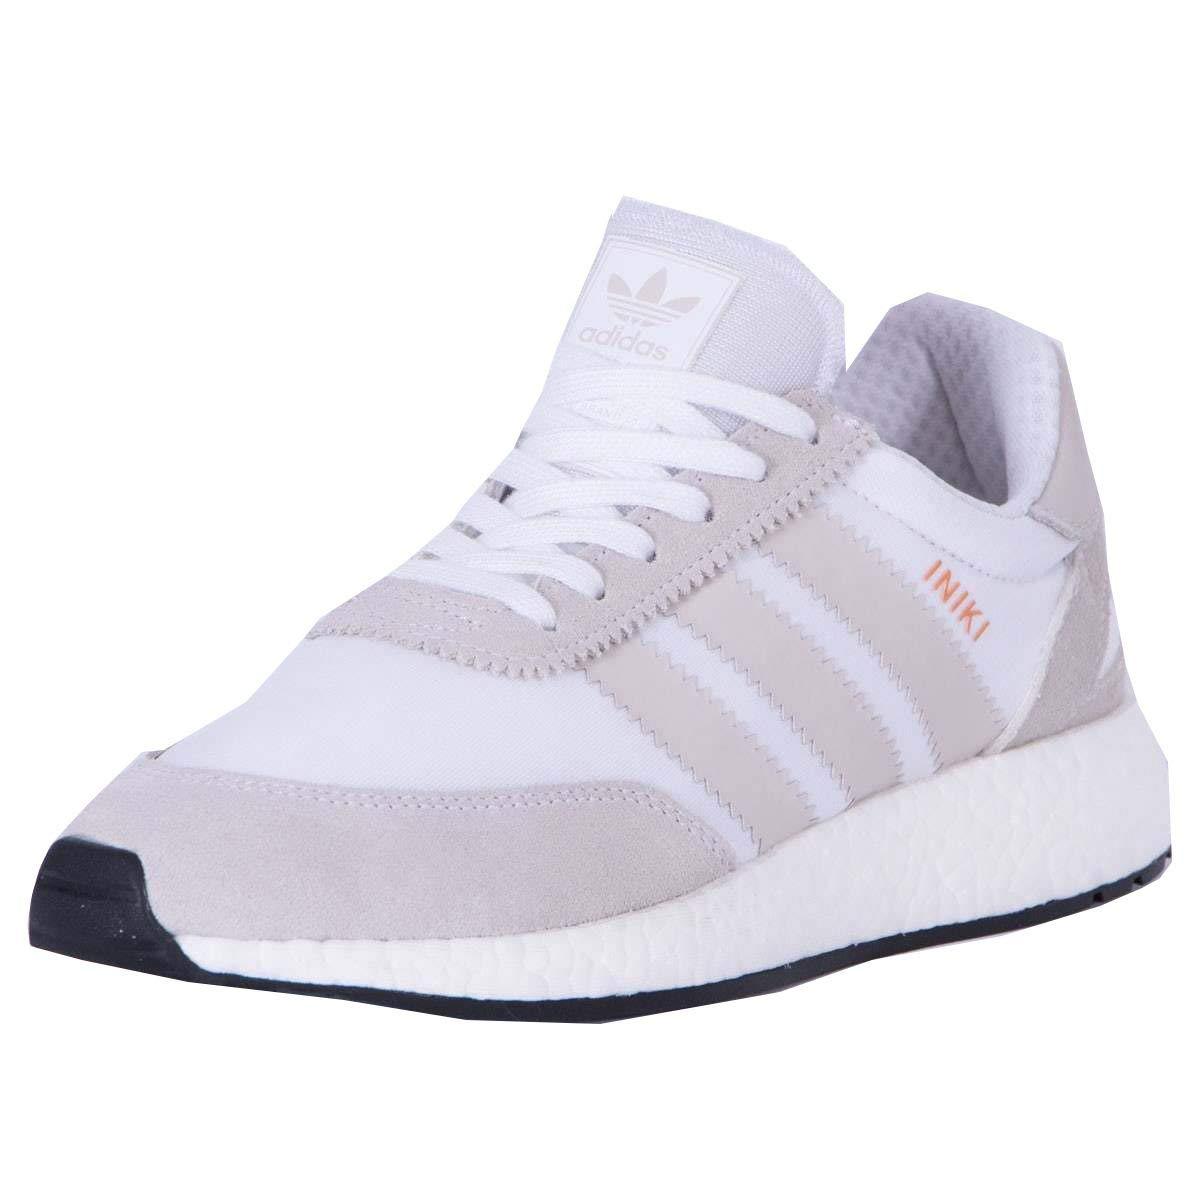 adidas - Botines Hombre, Color Blanco, Talla 45.5 EU: Amazon.es: Zapatos y complementos